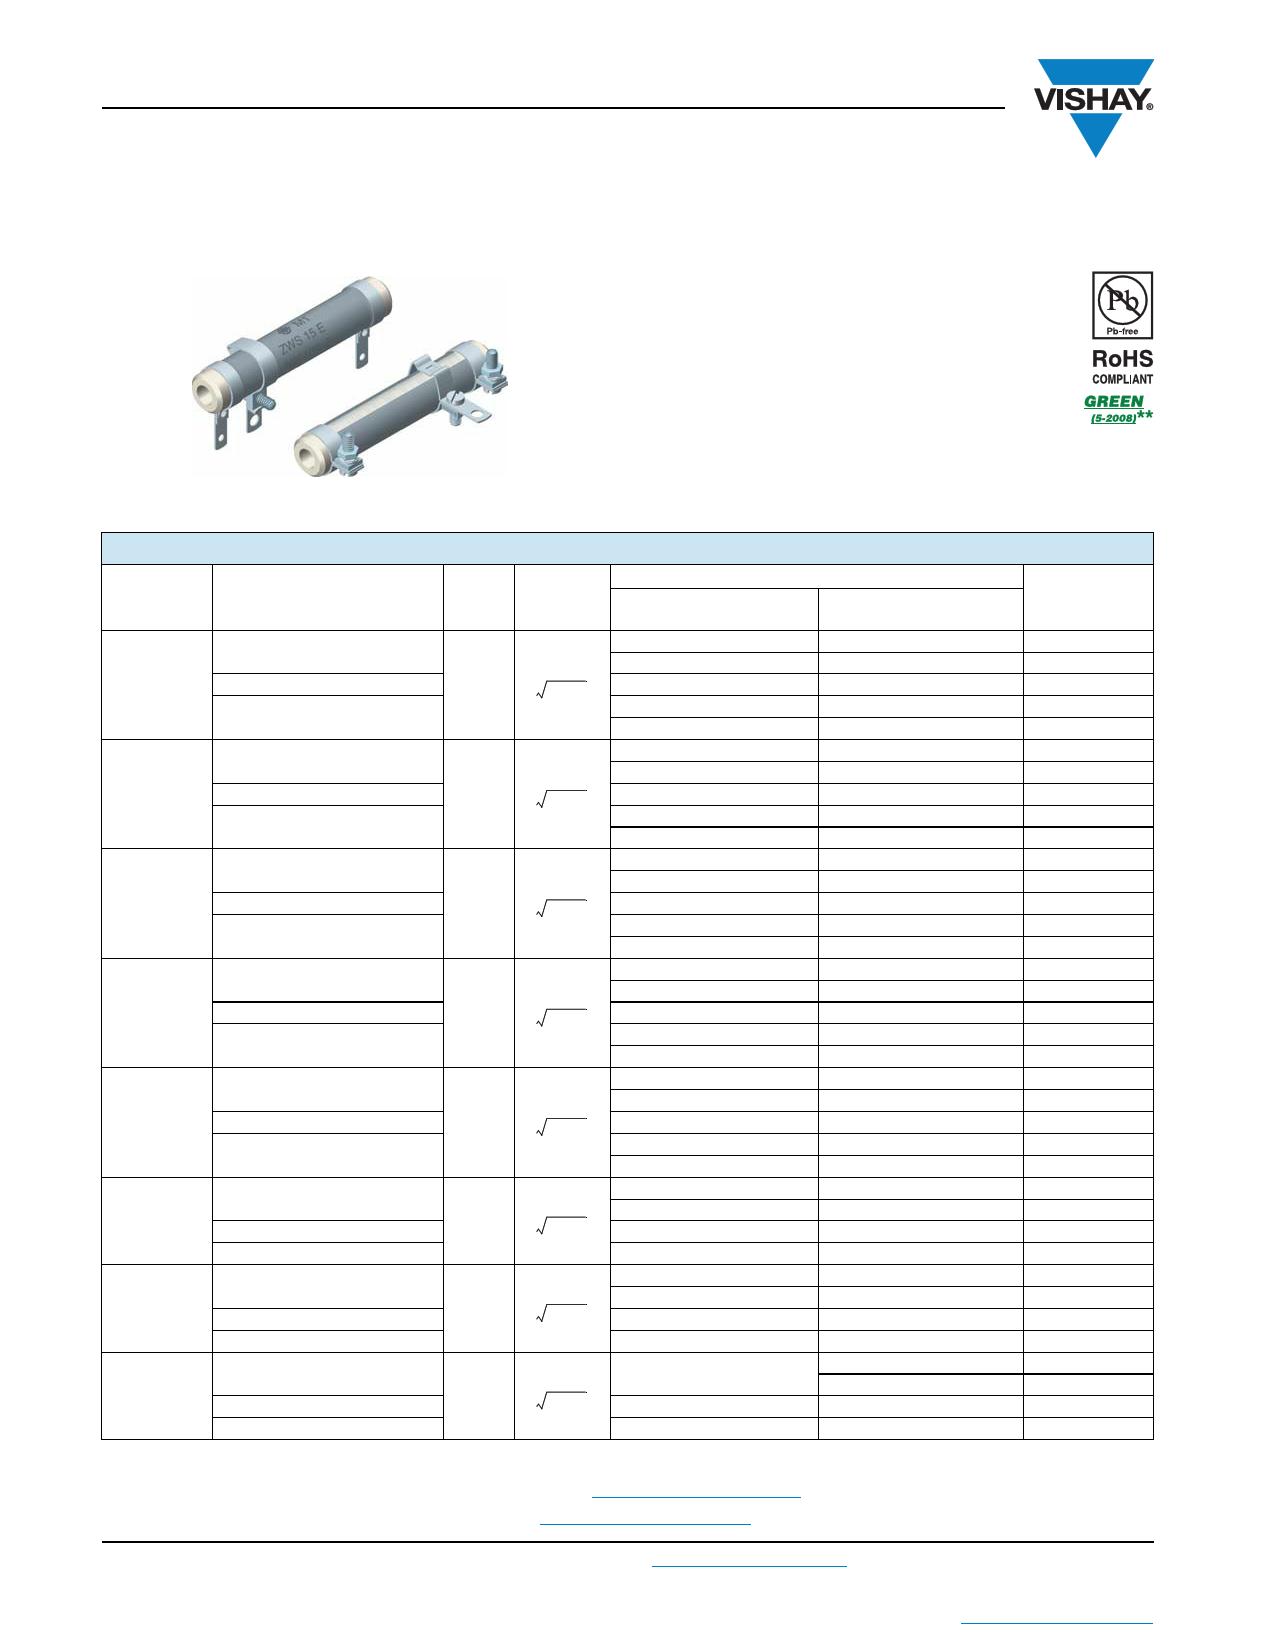 ZWS50 datasheet